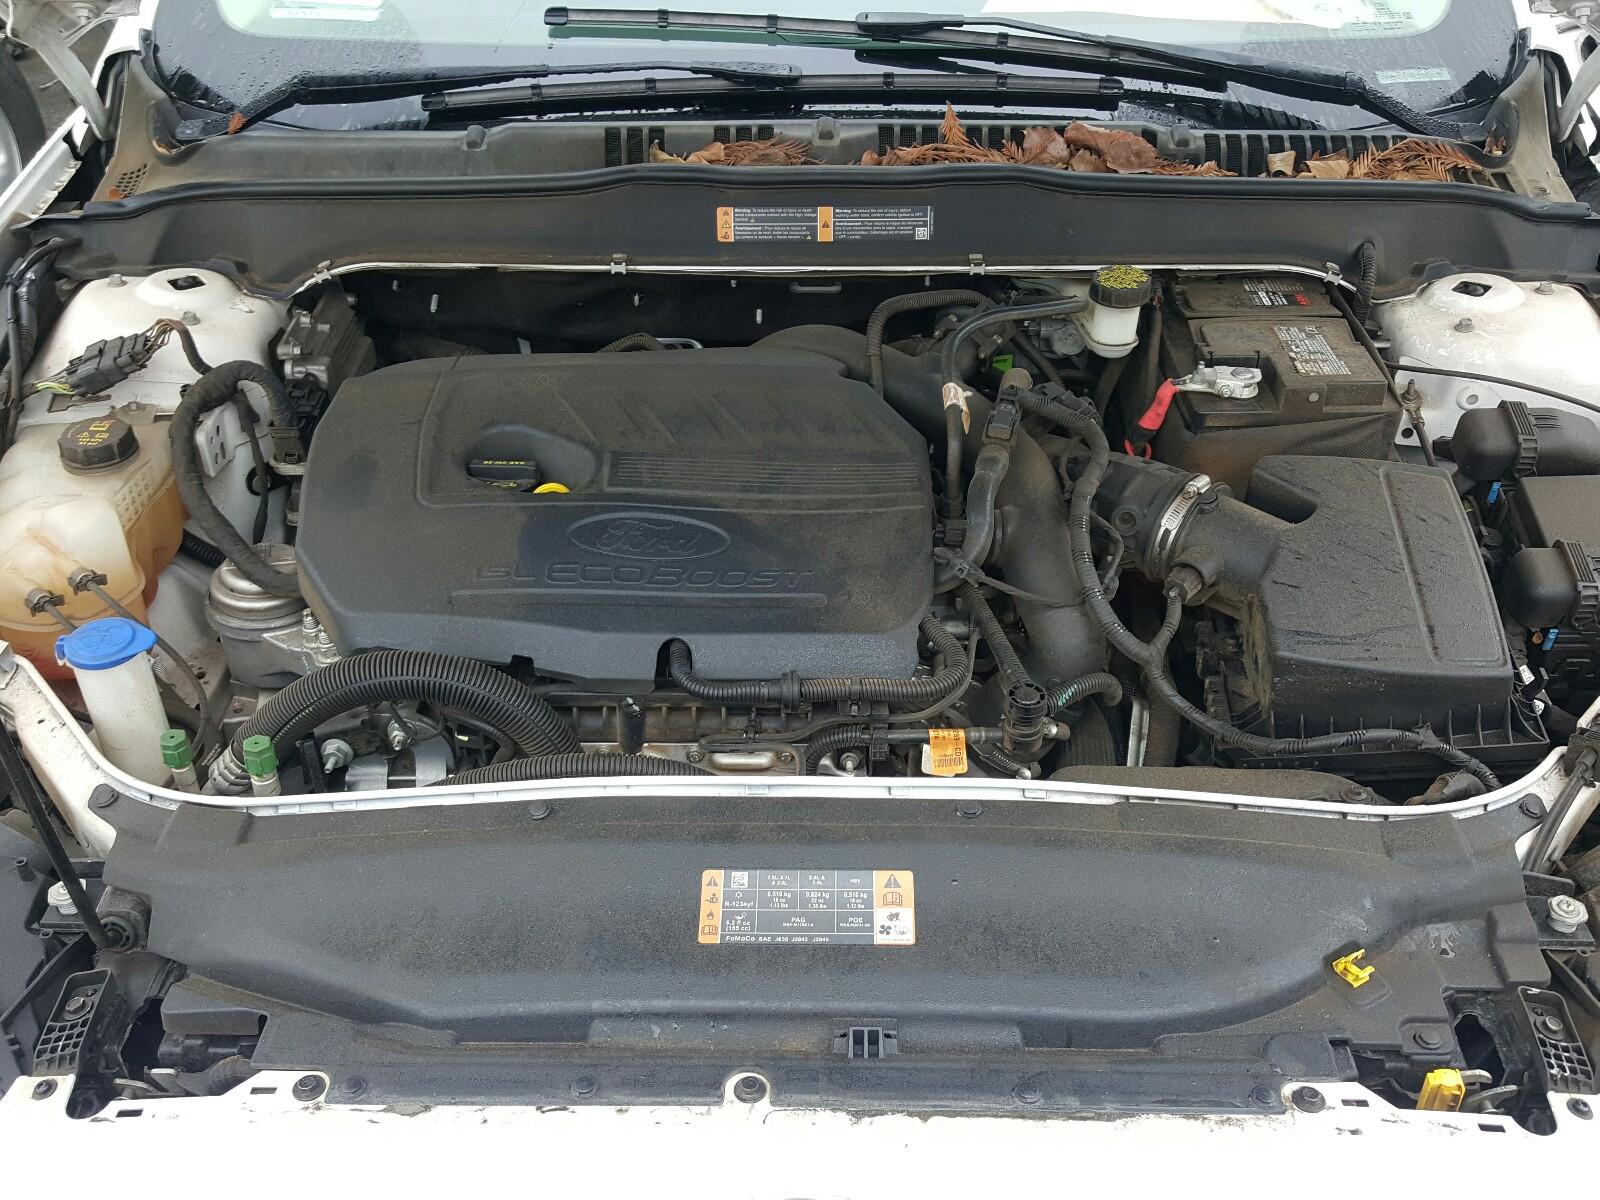 3FA6P0HD9HR110480 - 2017 Ford Fusion Se 1.5L inside view